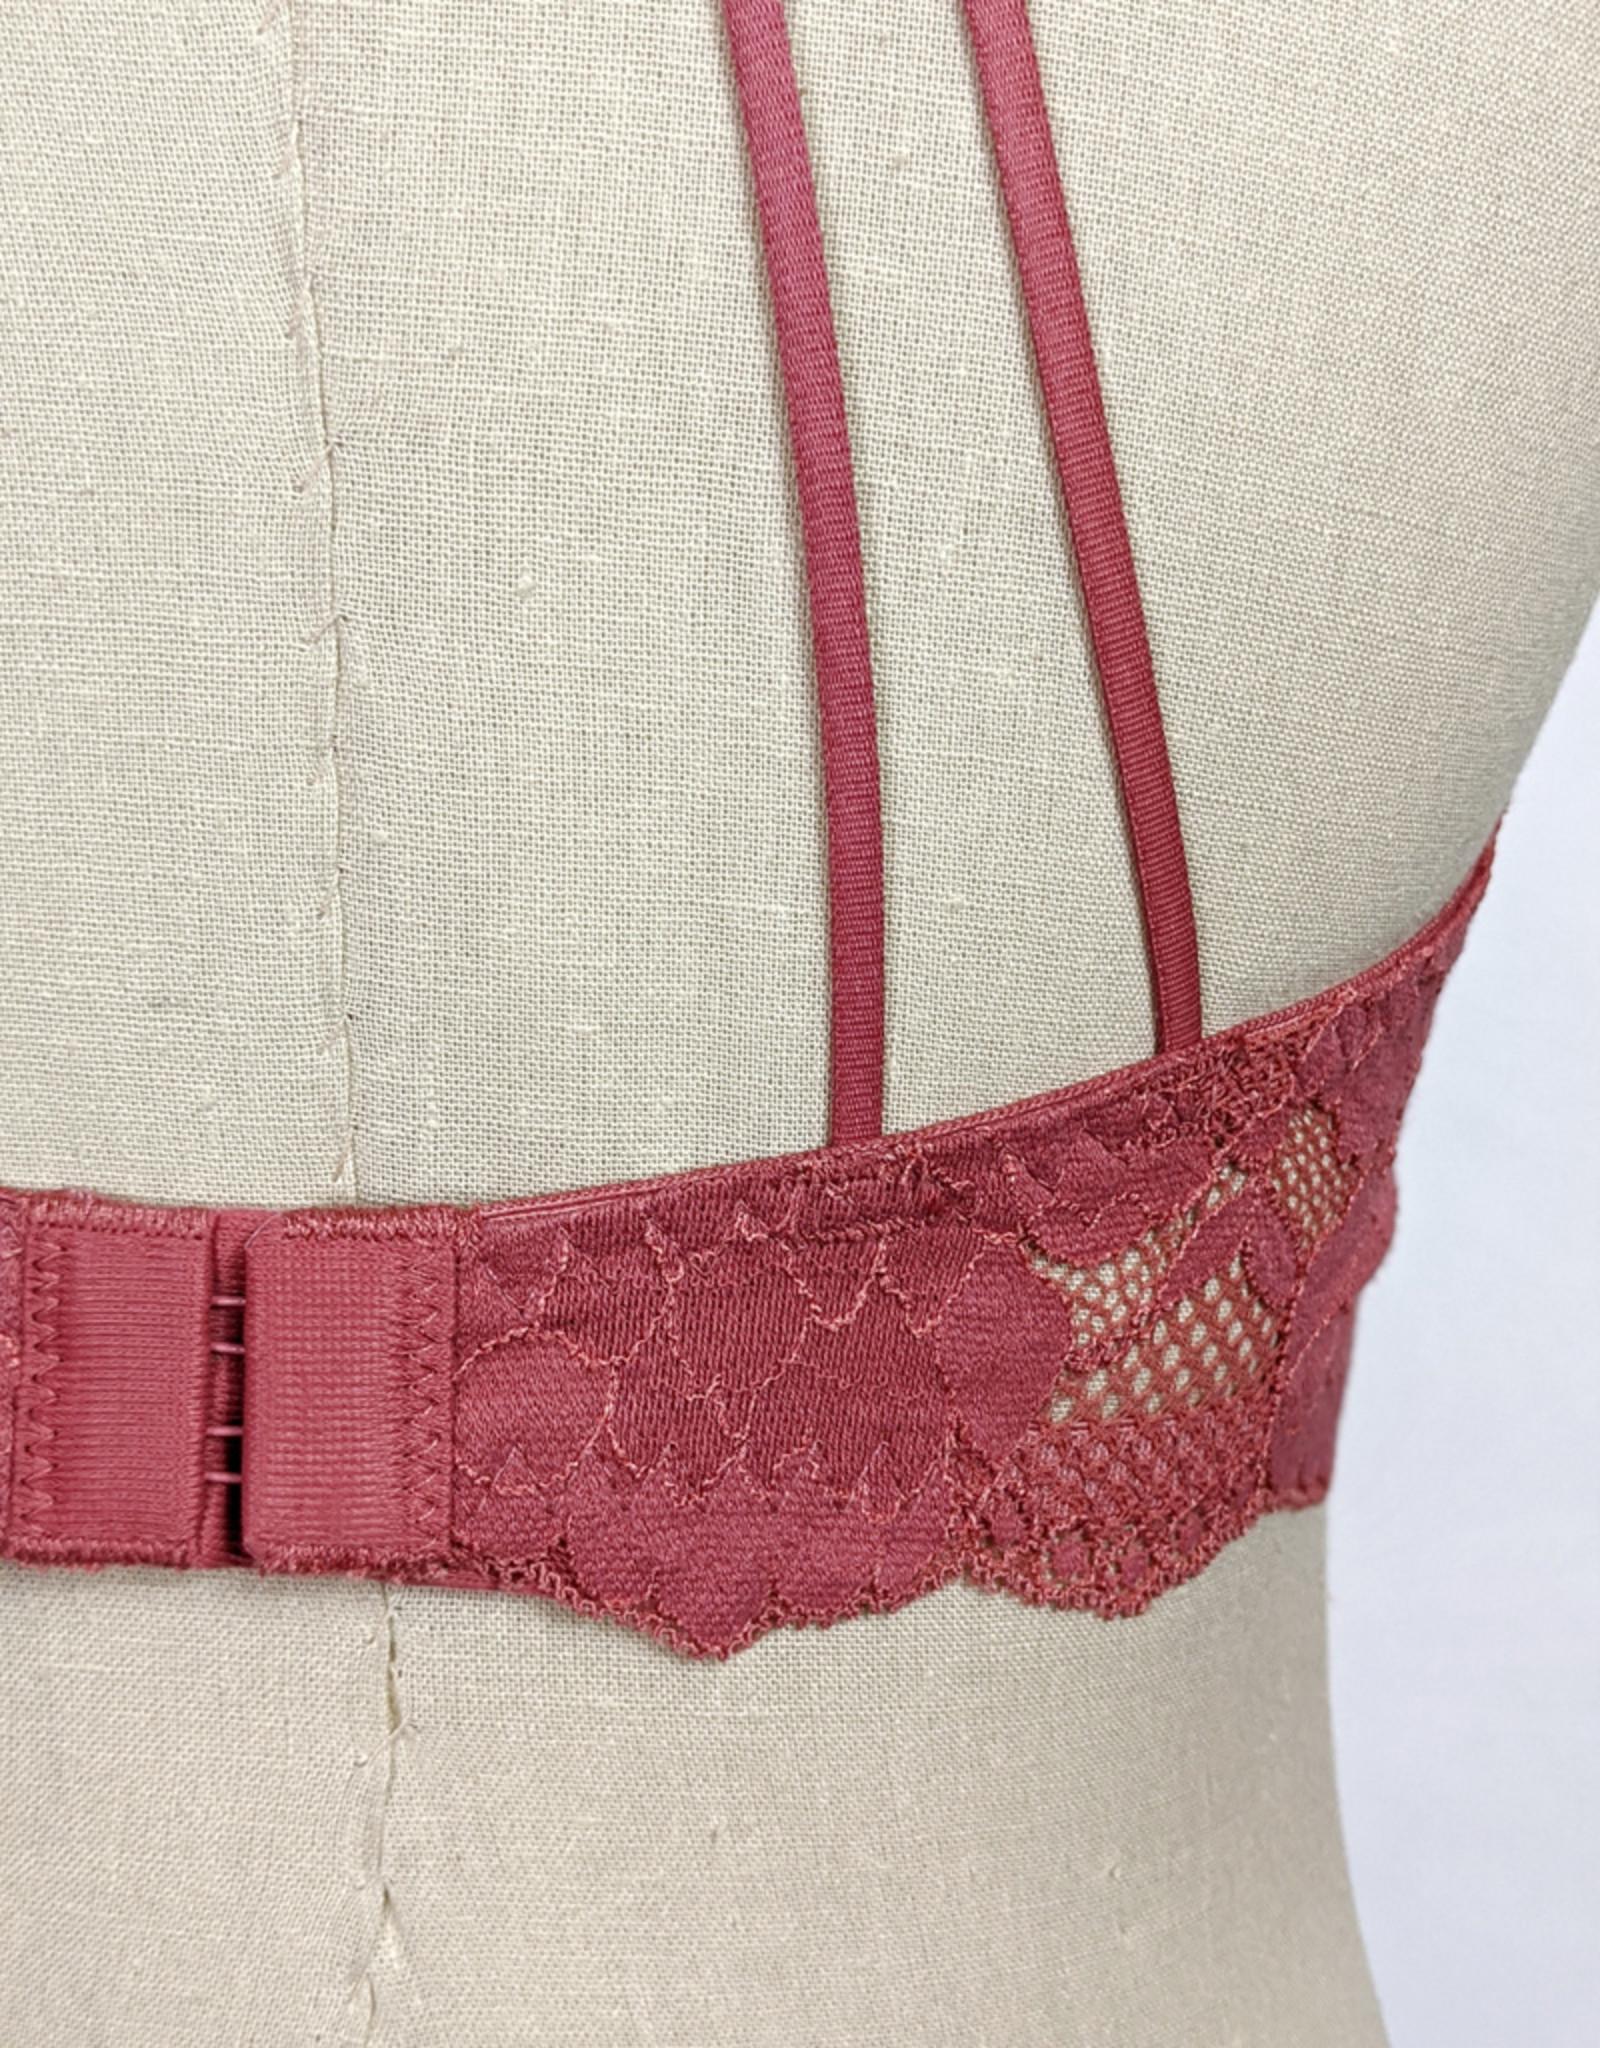 Leto Accessories Lace Strappy Racerback Bralette